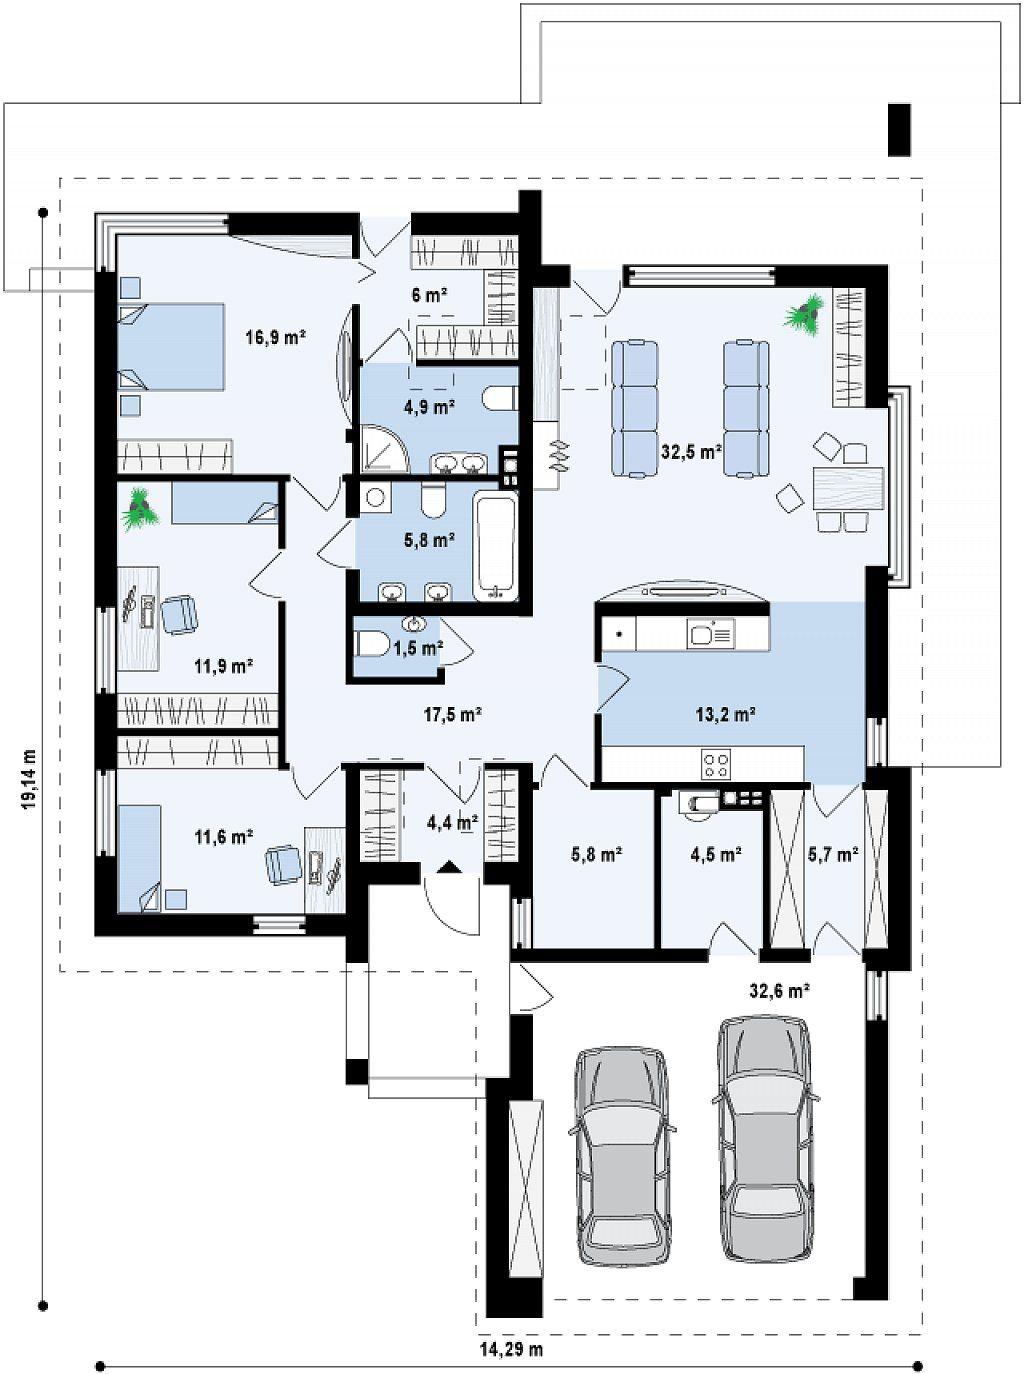 Ficha y planos de casa sevilla estilo contempor neo for Casas ideas y proyectos